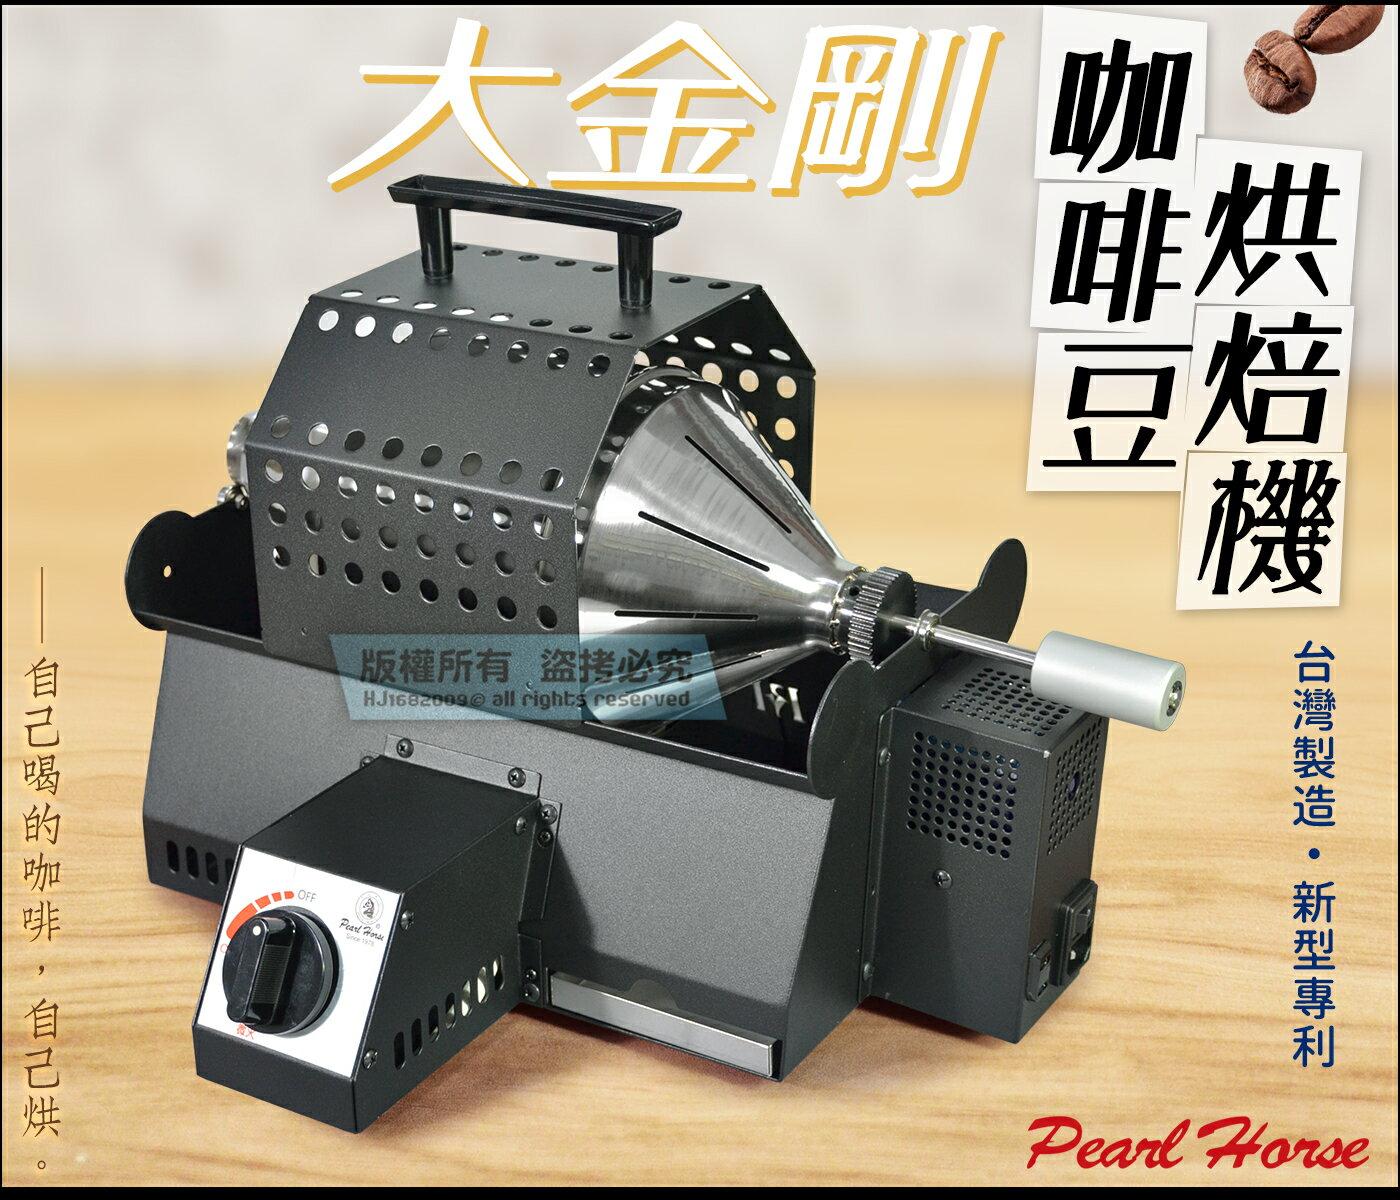 快樂屋♪【原廠6禮】寶馬牌 大金剛烘豆機 800g TA-SHW-800 台灣製 專利職業級 咖啡豆烘焙機